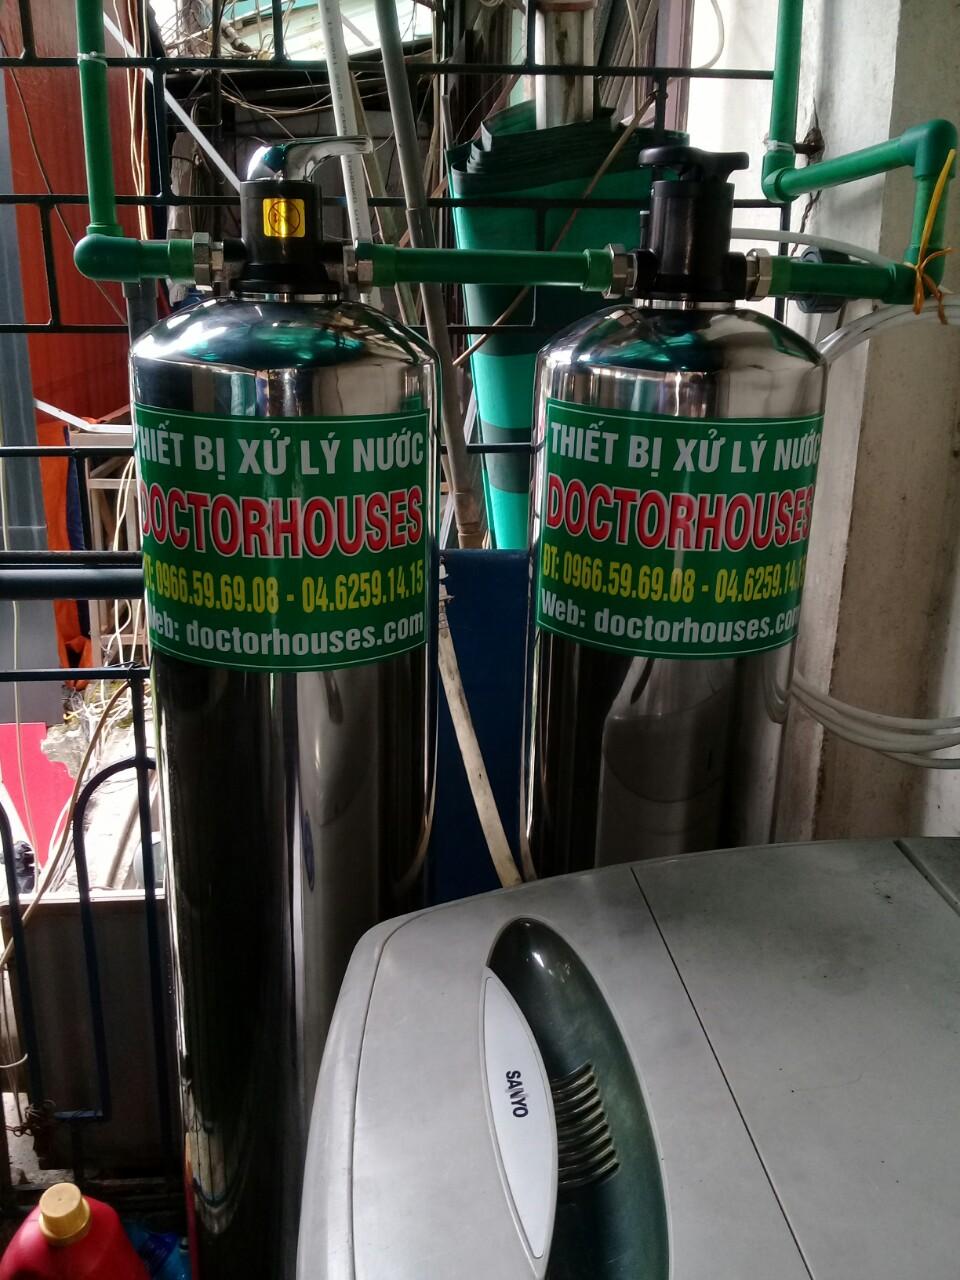 Lắp đặt hệ thống lọc tổng sinh hoạt DH02C inox cao cấp tại Hà Đông